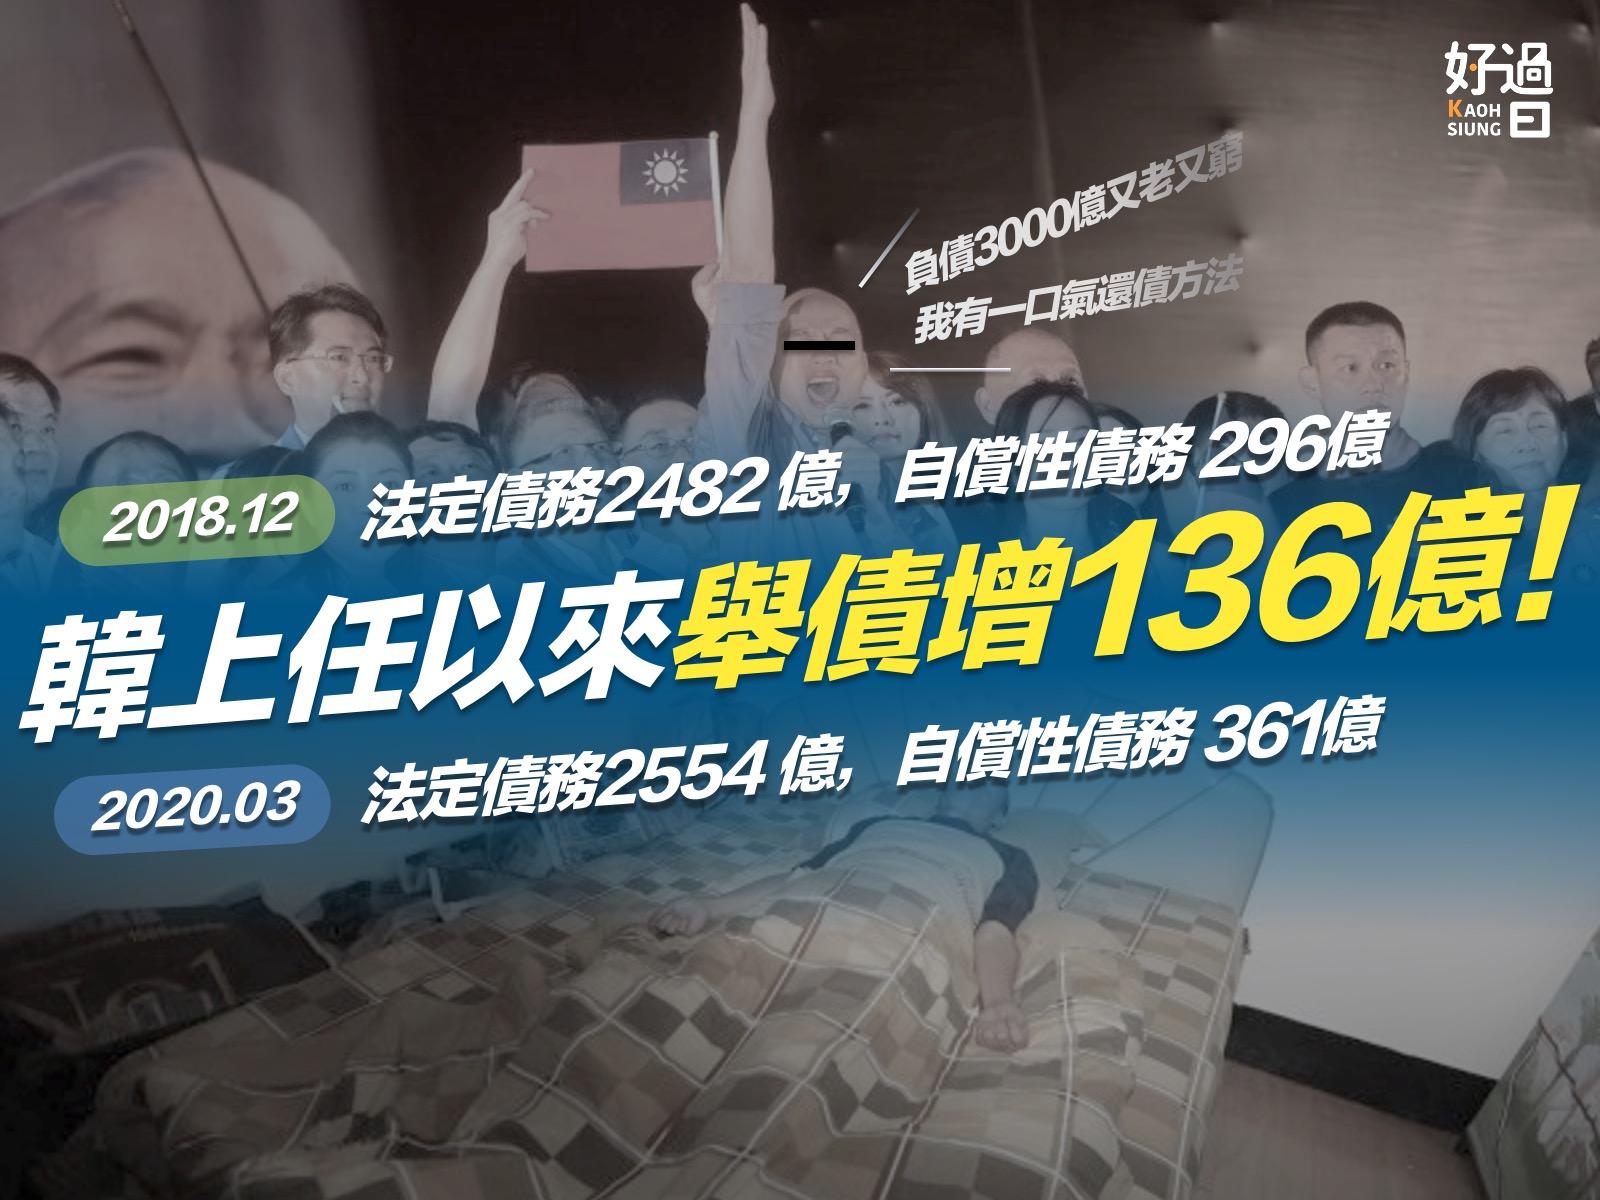 高雄好過日:韓國瑜上任以來舉債暴增136億元